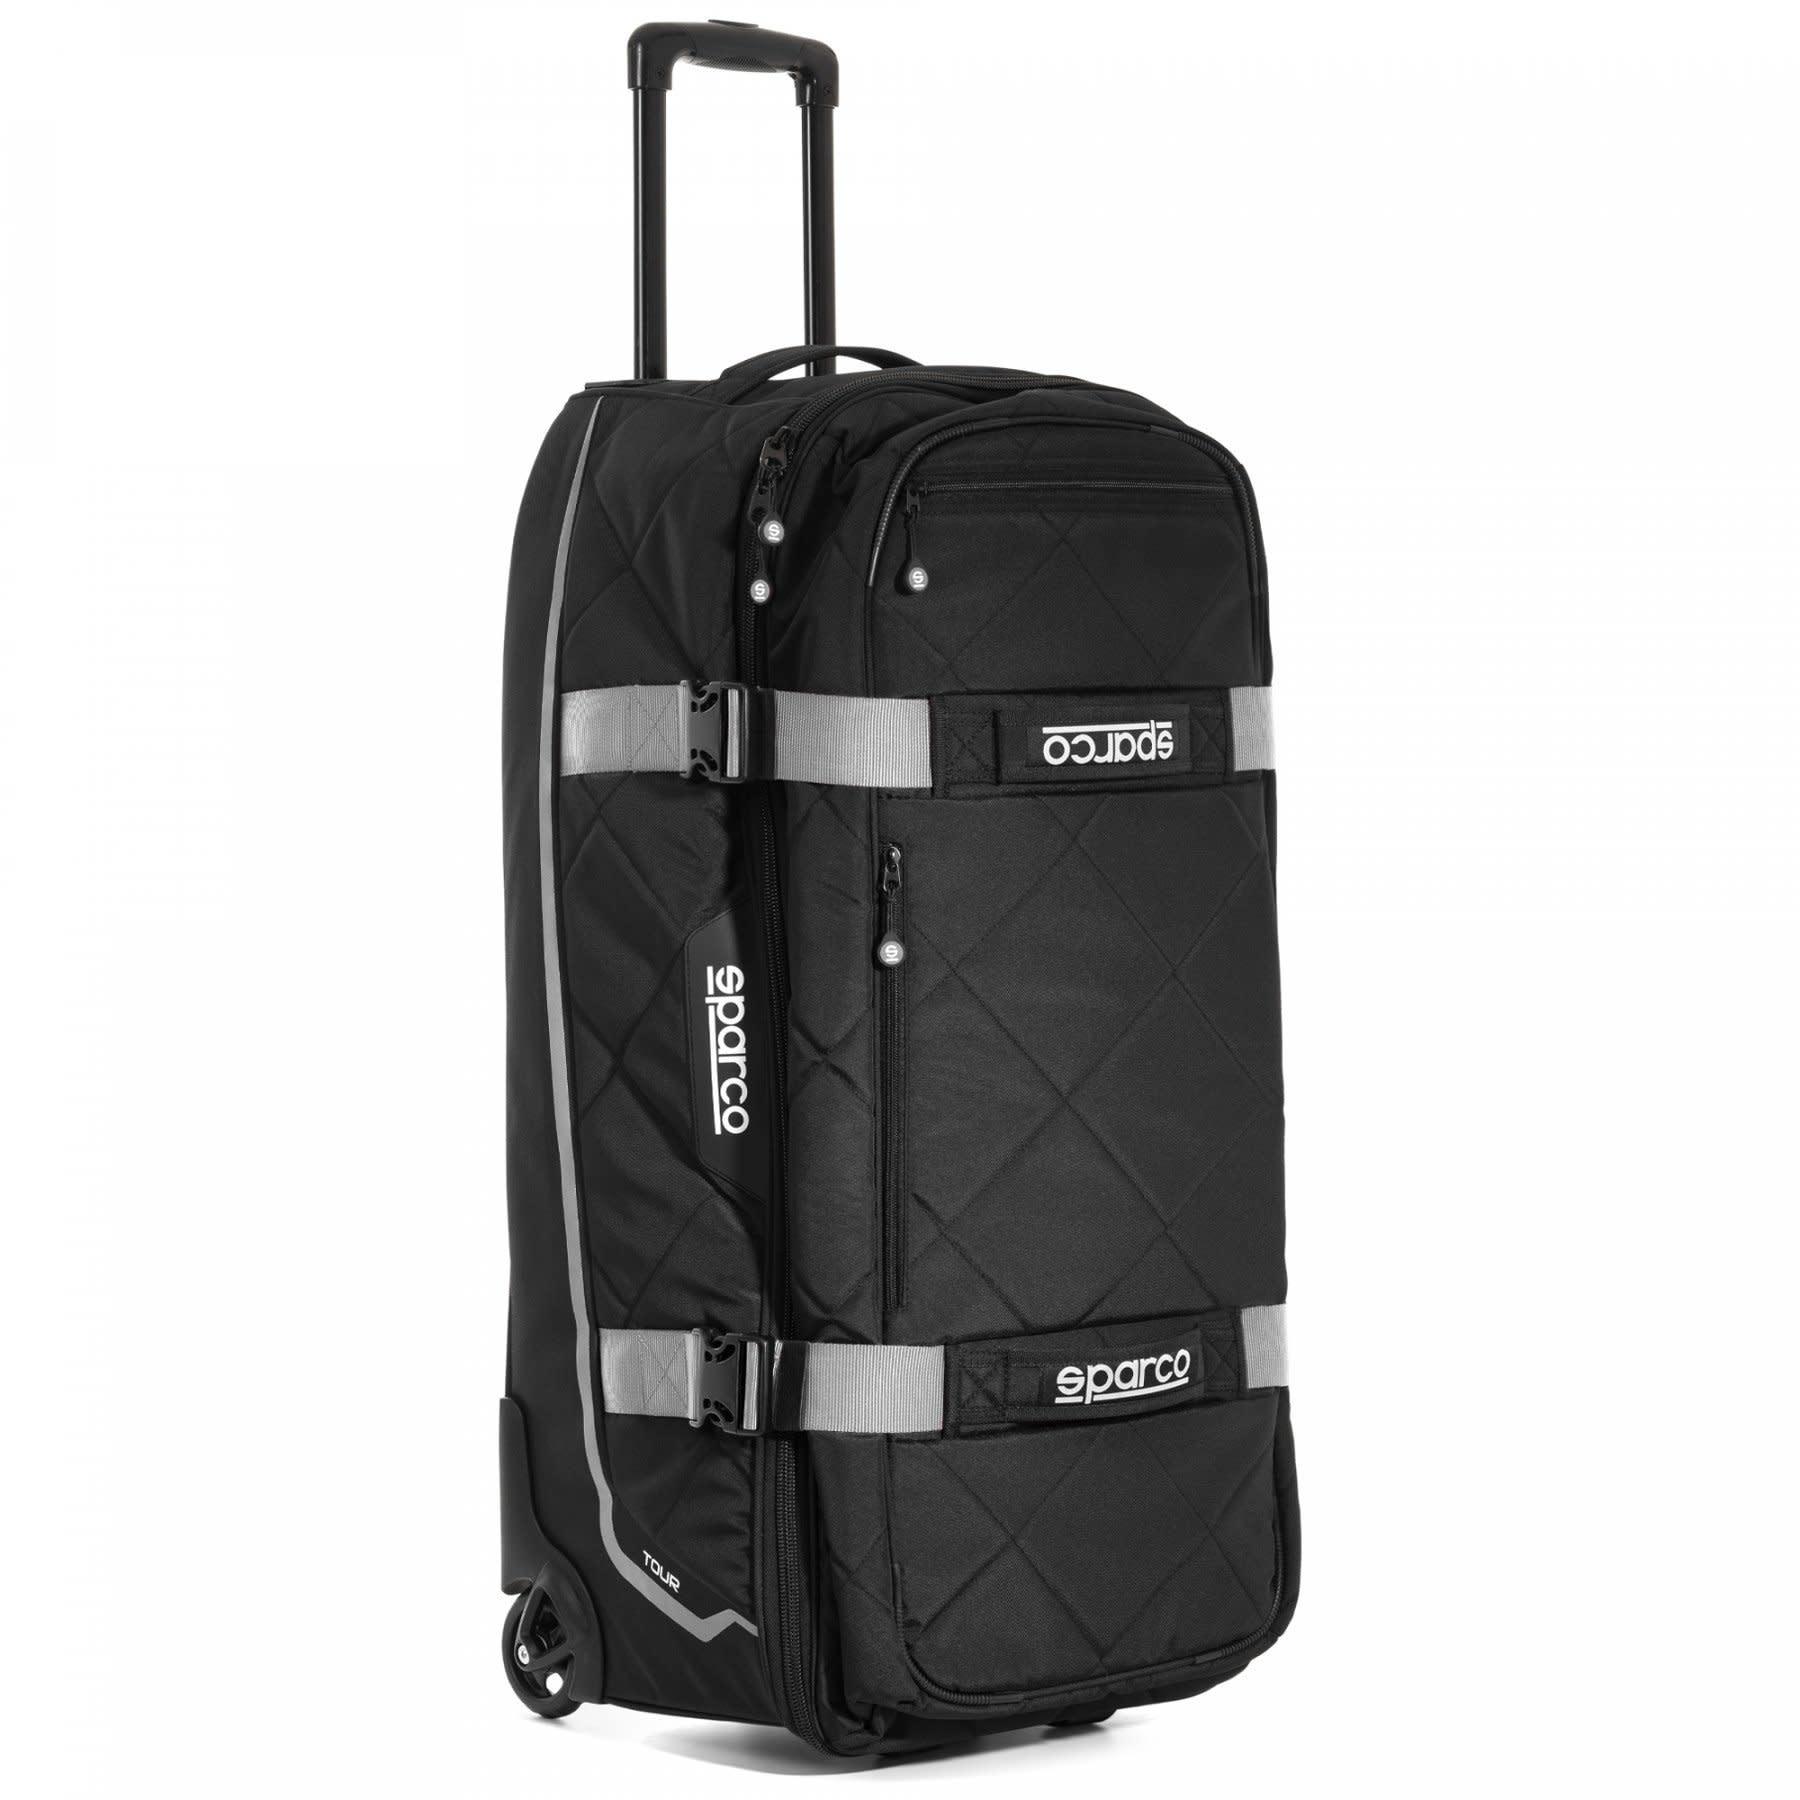 Sparco Tour Trolley bag  Black Silver